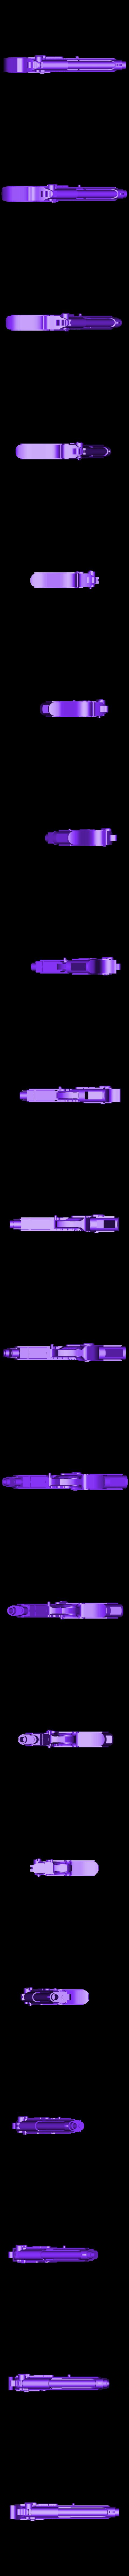 Gun.stl Télécharger fichier STL gratuit Boîtier USB 2 • Modèle imprimable en 3D, Hectdiaf